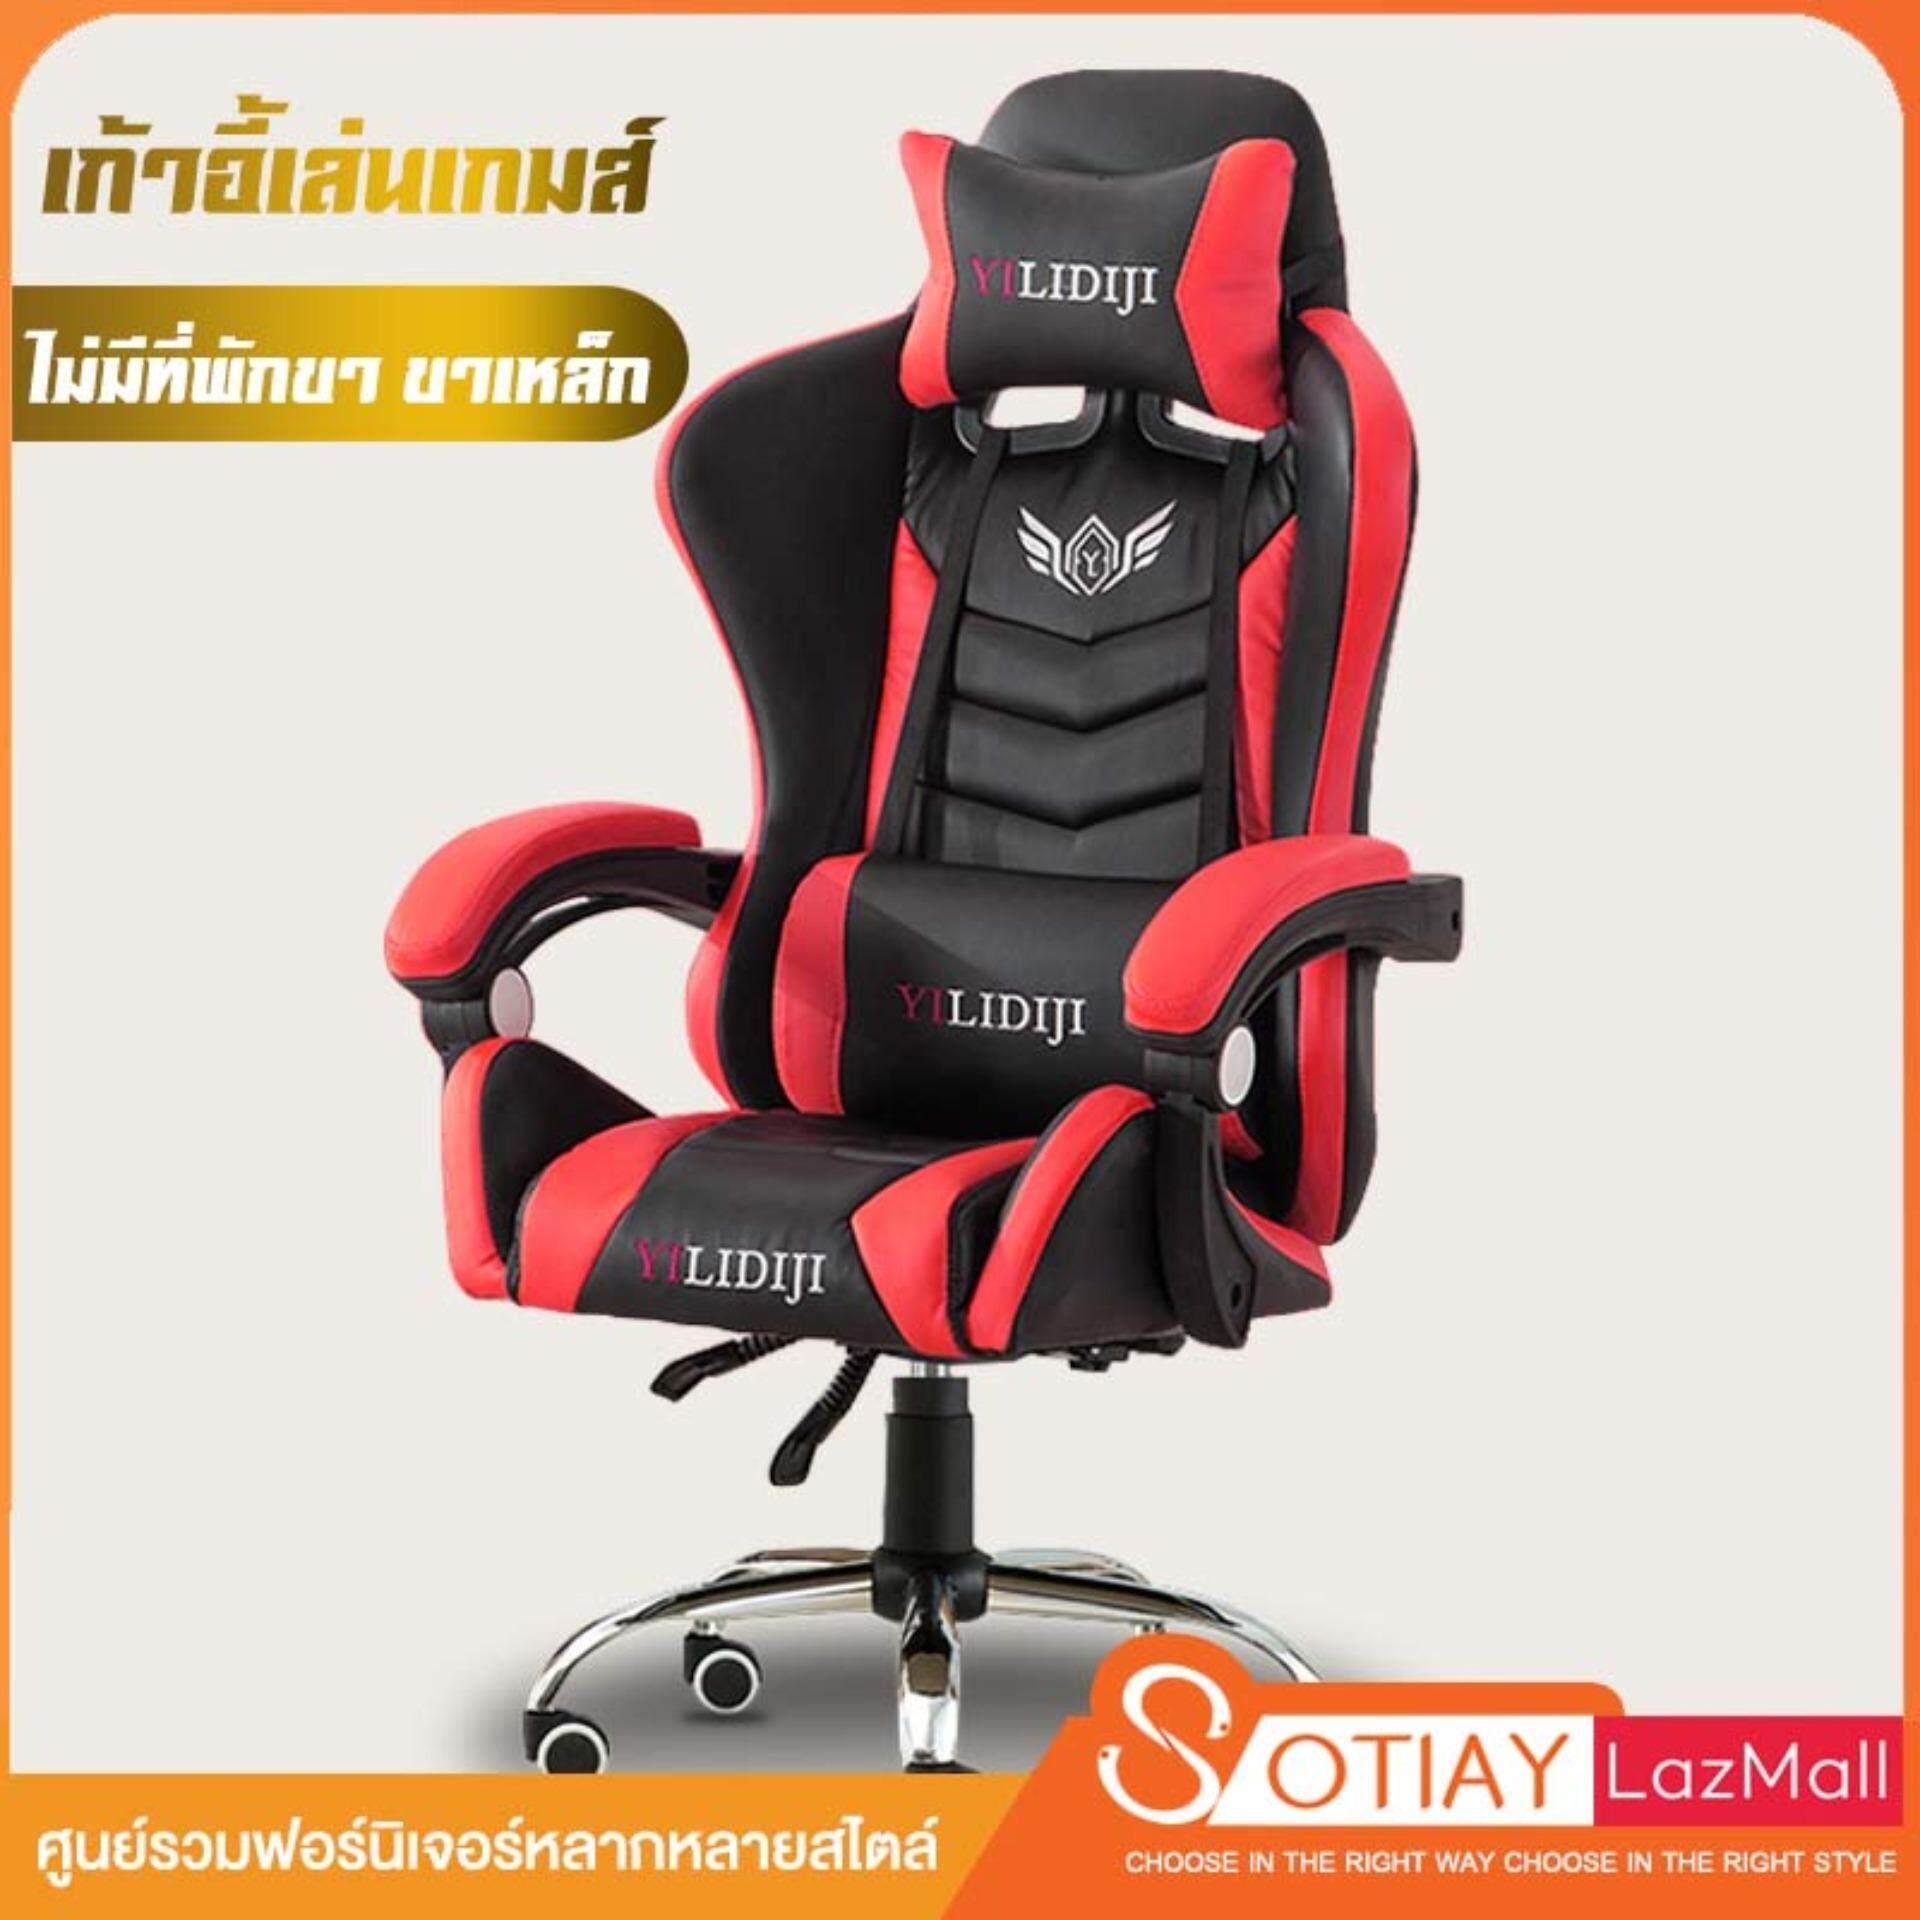 ยี่ห้อไหนดี  SOTIAY เก้าอี้เล่นเกม เก้าอี้เกมมิ่ง Gaming Chair ปรับความสูงได้ มีที่นวดในตัว รุ่น HM50